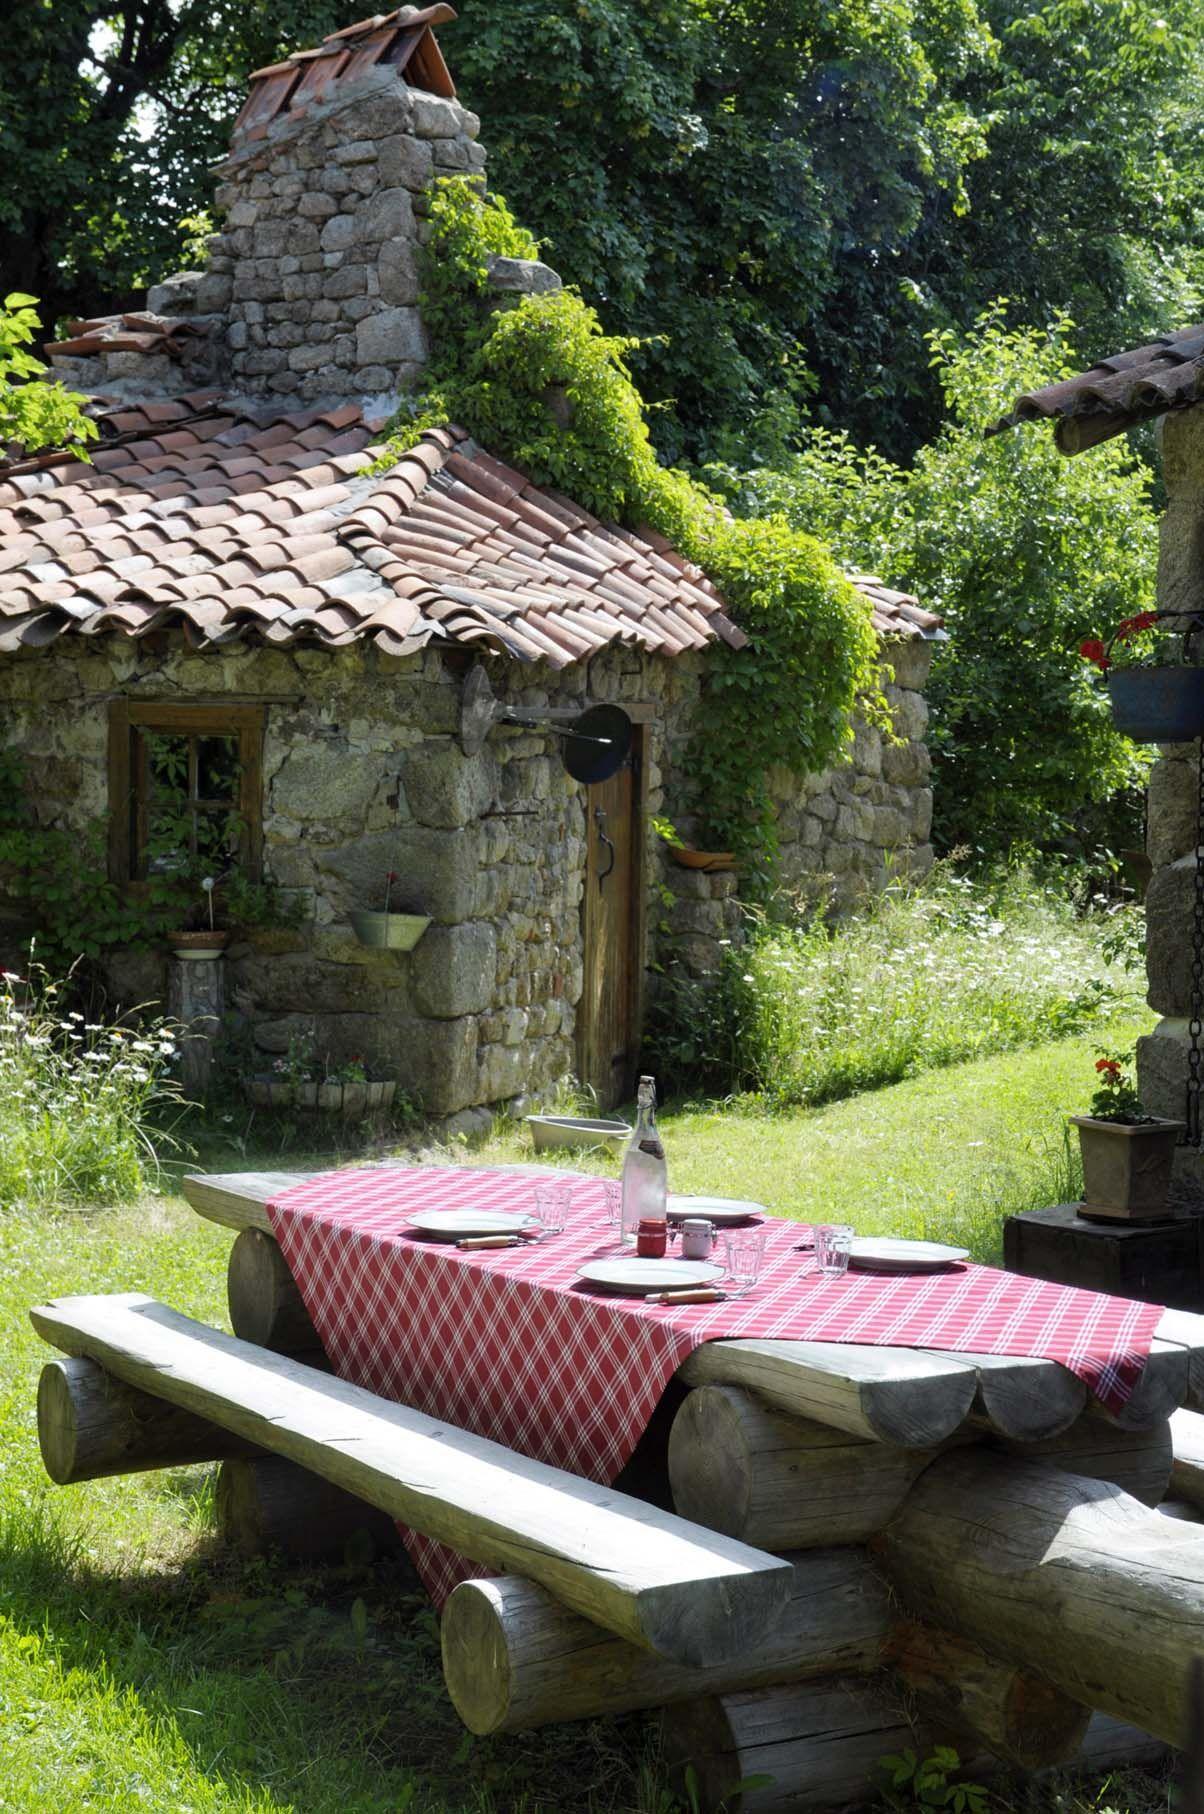 Linge de maison nappe stof laura lancelle paris rustic charm case di campagna vita di - Linge de maison paris ...